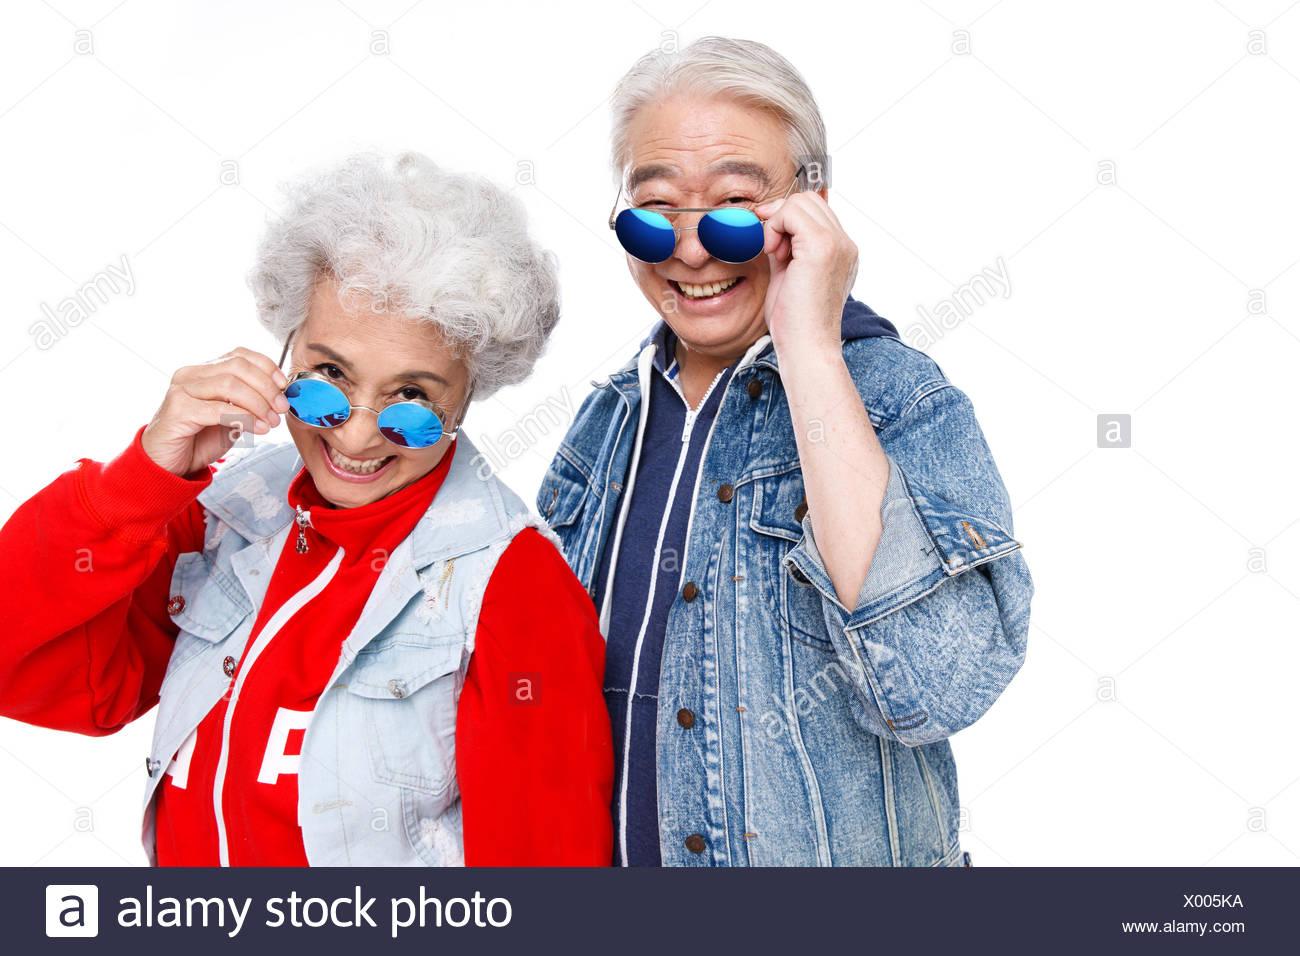 La Con Moda Gafas Imagen De Ancianos Pareja Sol Fotoamp; 8n0wvmNO